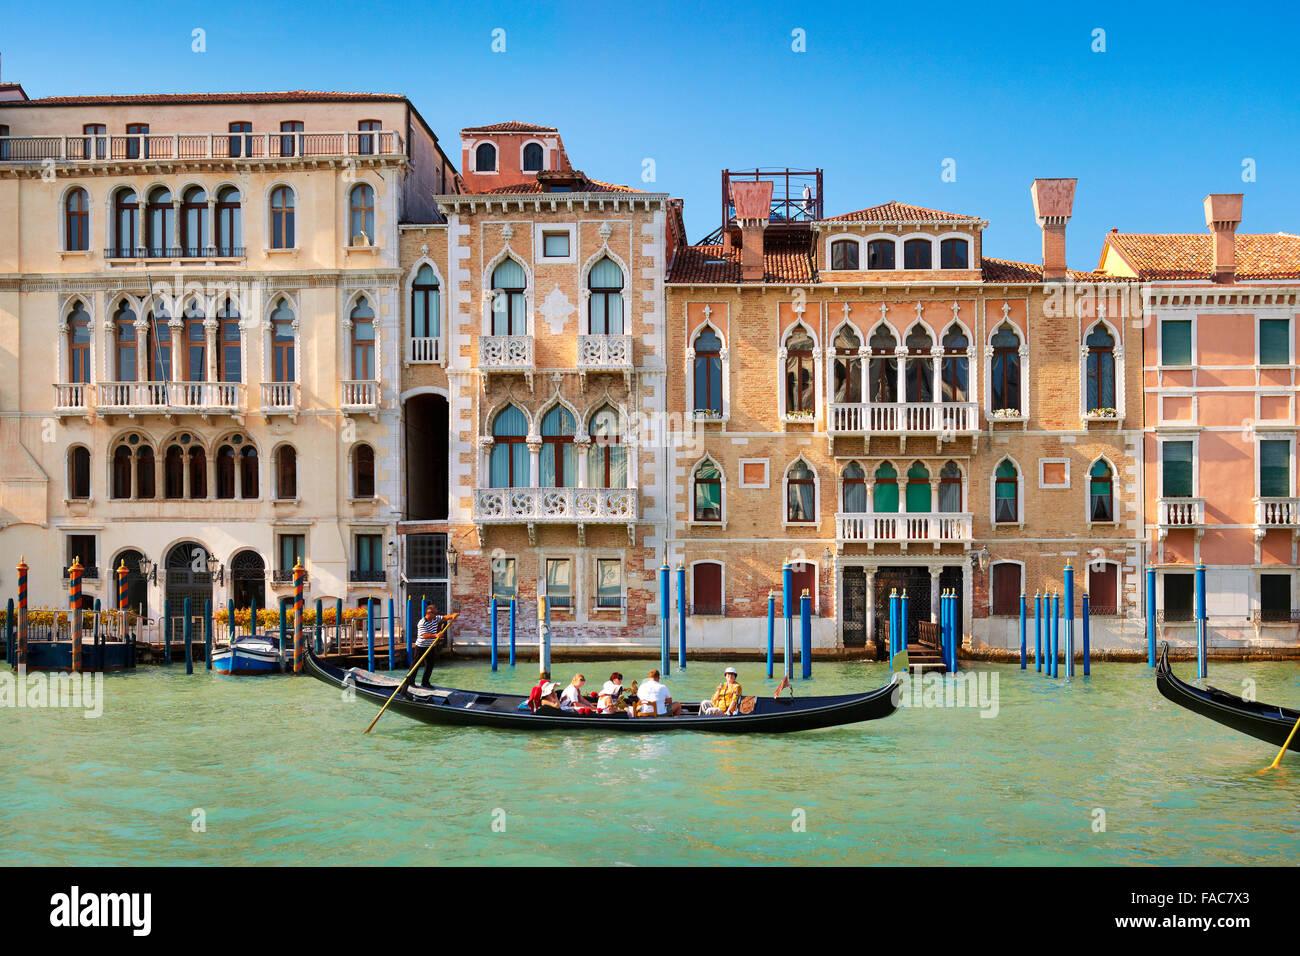 Venedig, Italien - Touristen in der Gondel auf dem Canal Grande Stockfoto